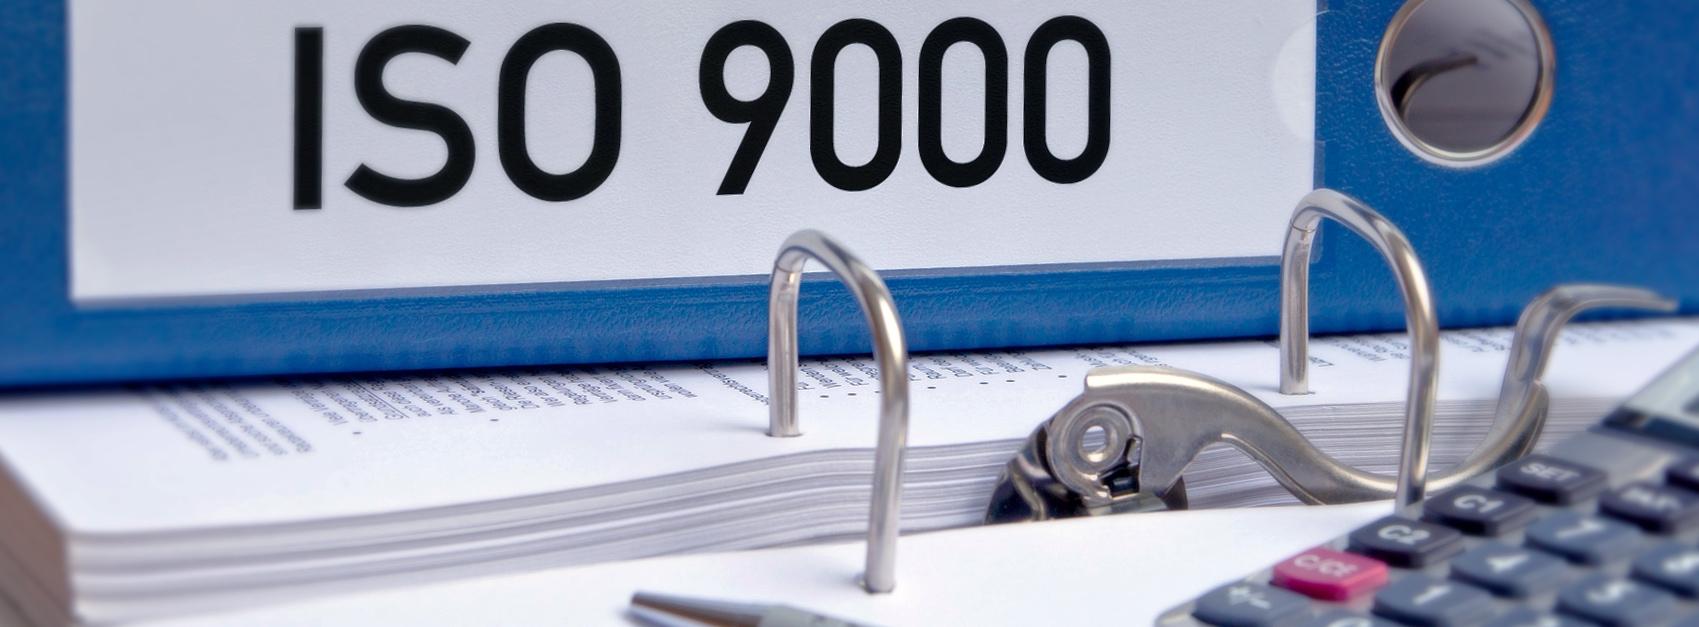 ISO-9000-Webinar: Blauer ISO-Ordner, der auf einem Tisch liegt